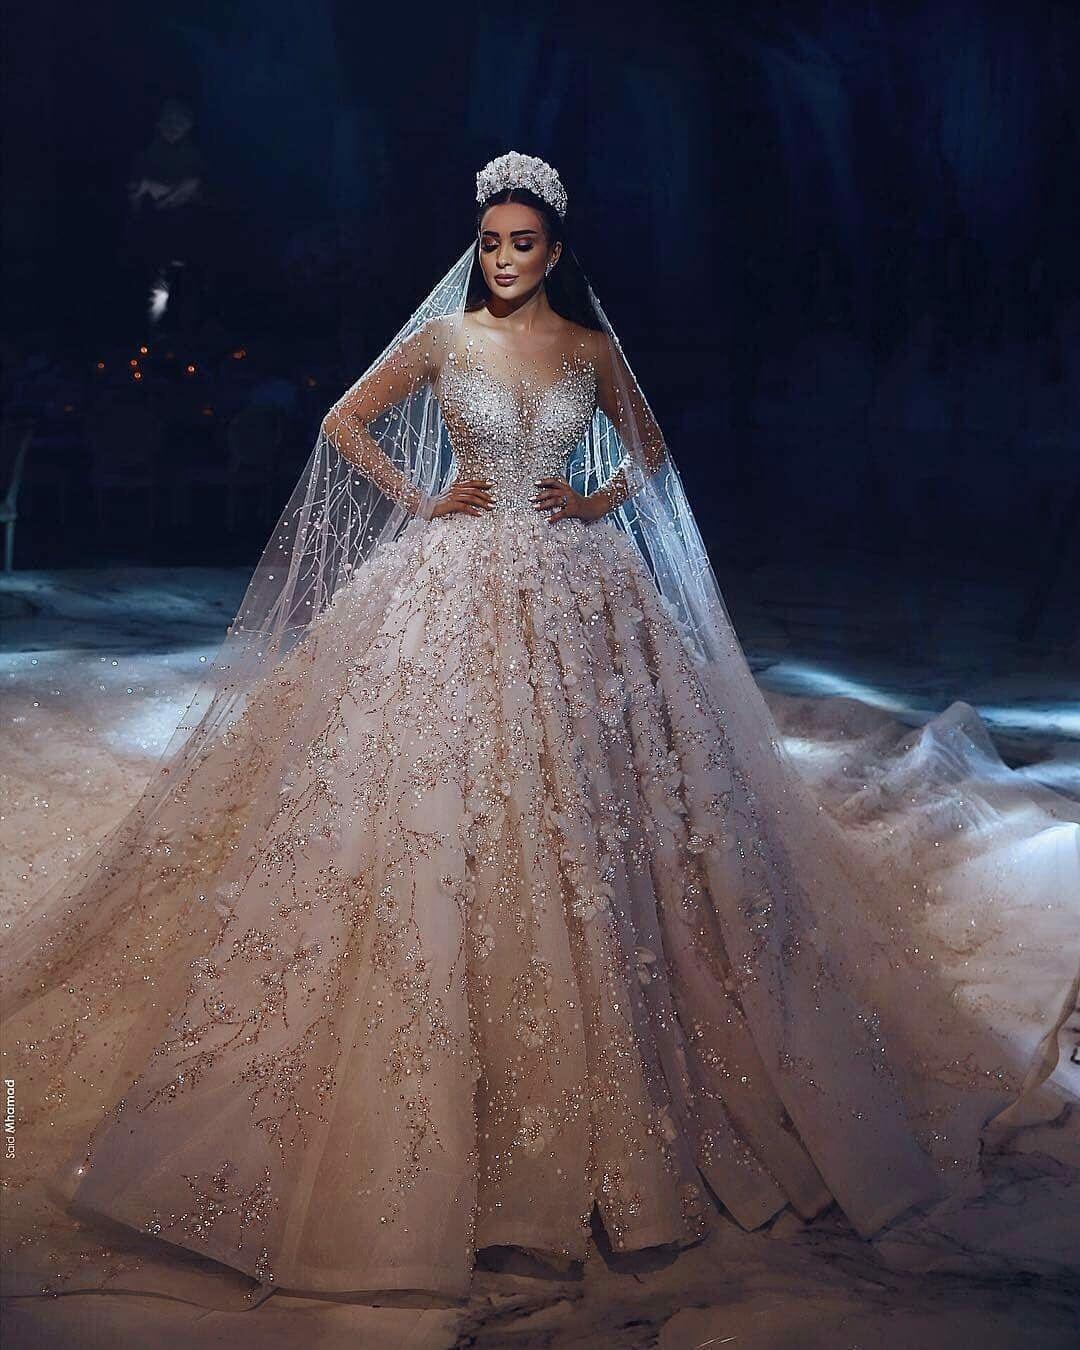 Pin Oleh Sabah Hashem Di Mariee Gaun Pengantin Putri Pengantin Gaun Perkawinan